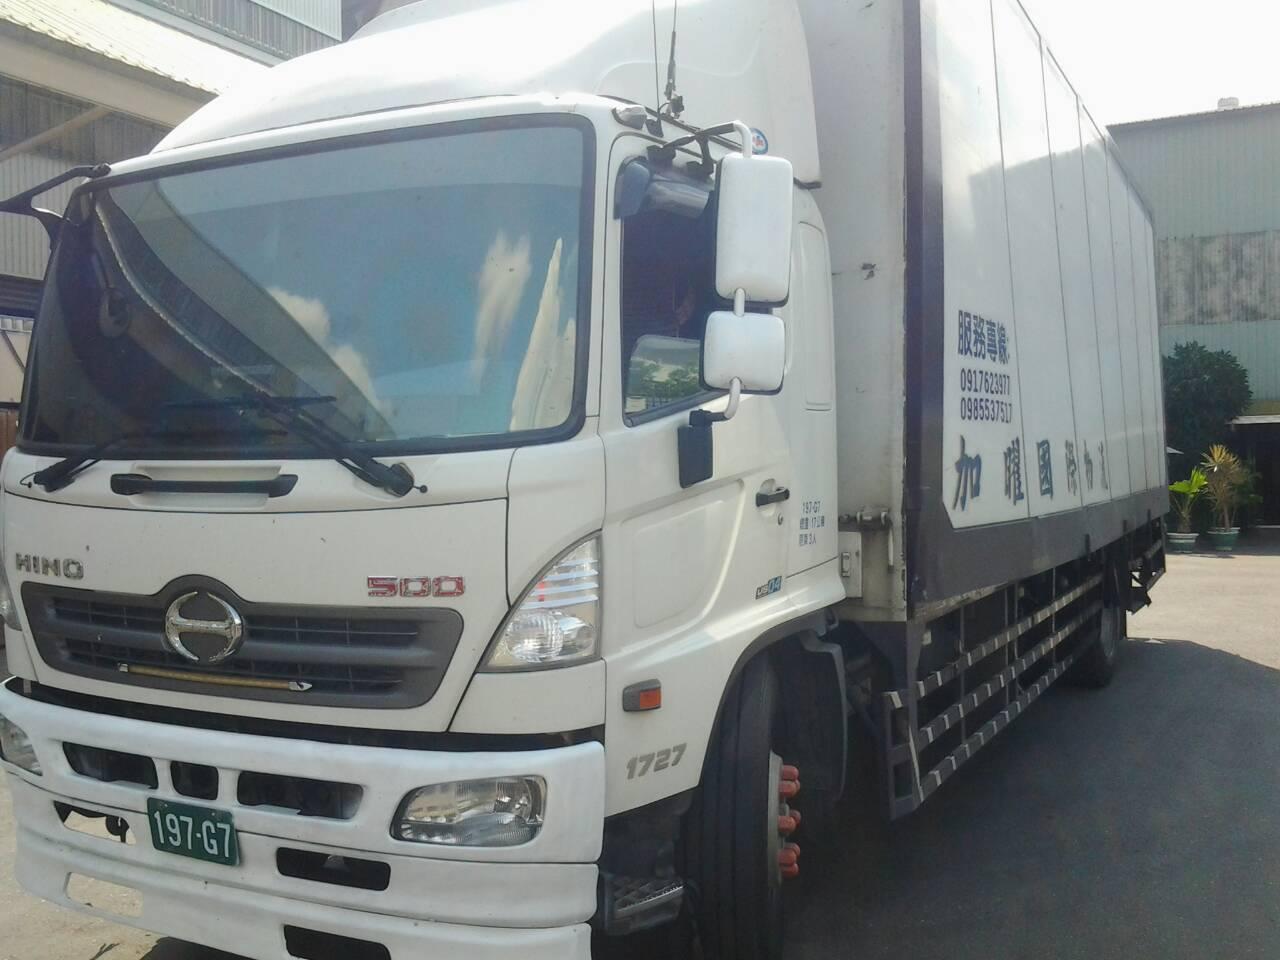 羽泓企業有限公司-中華回頭車搬家貨運車隊-回頭車-貨運-搬家公司